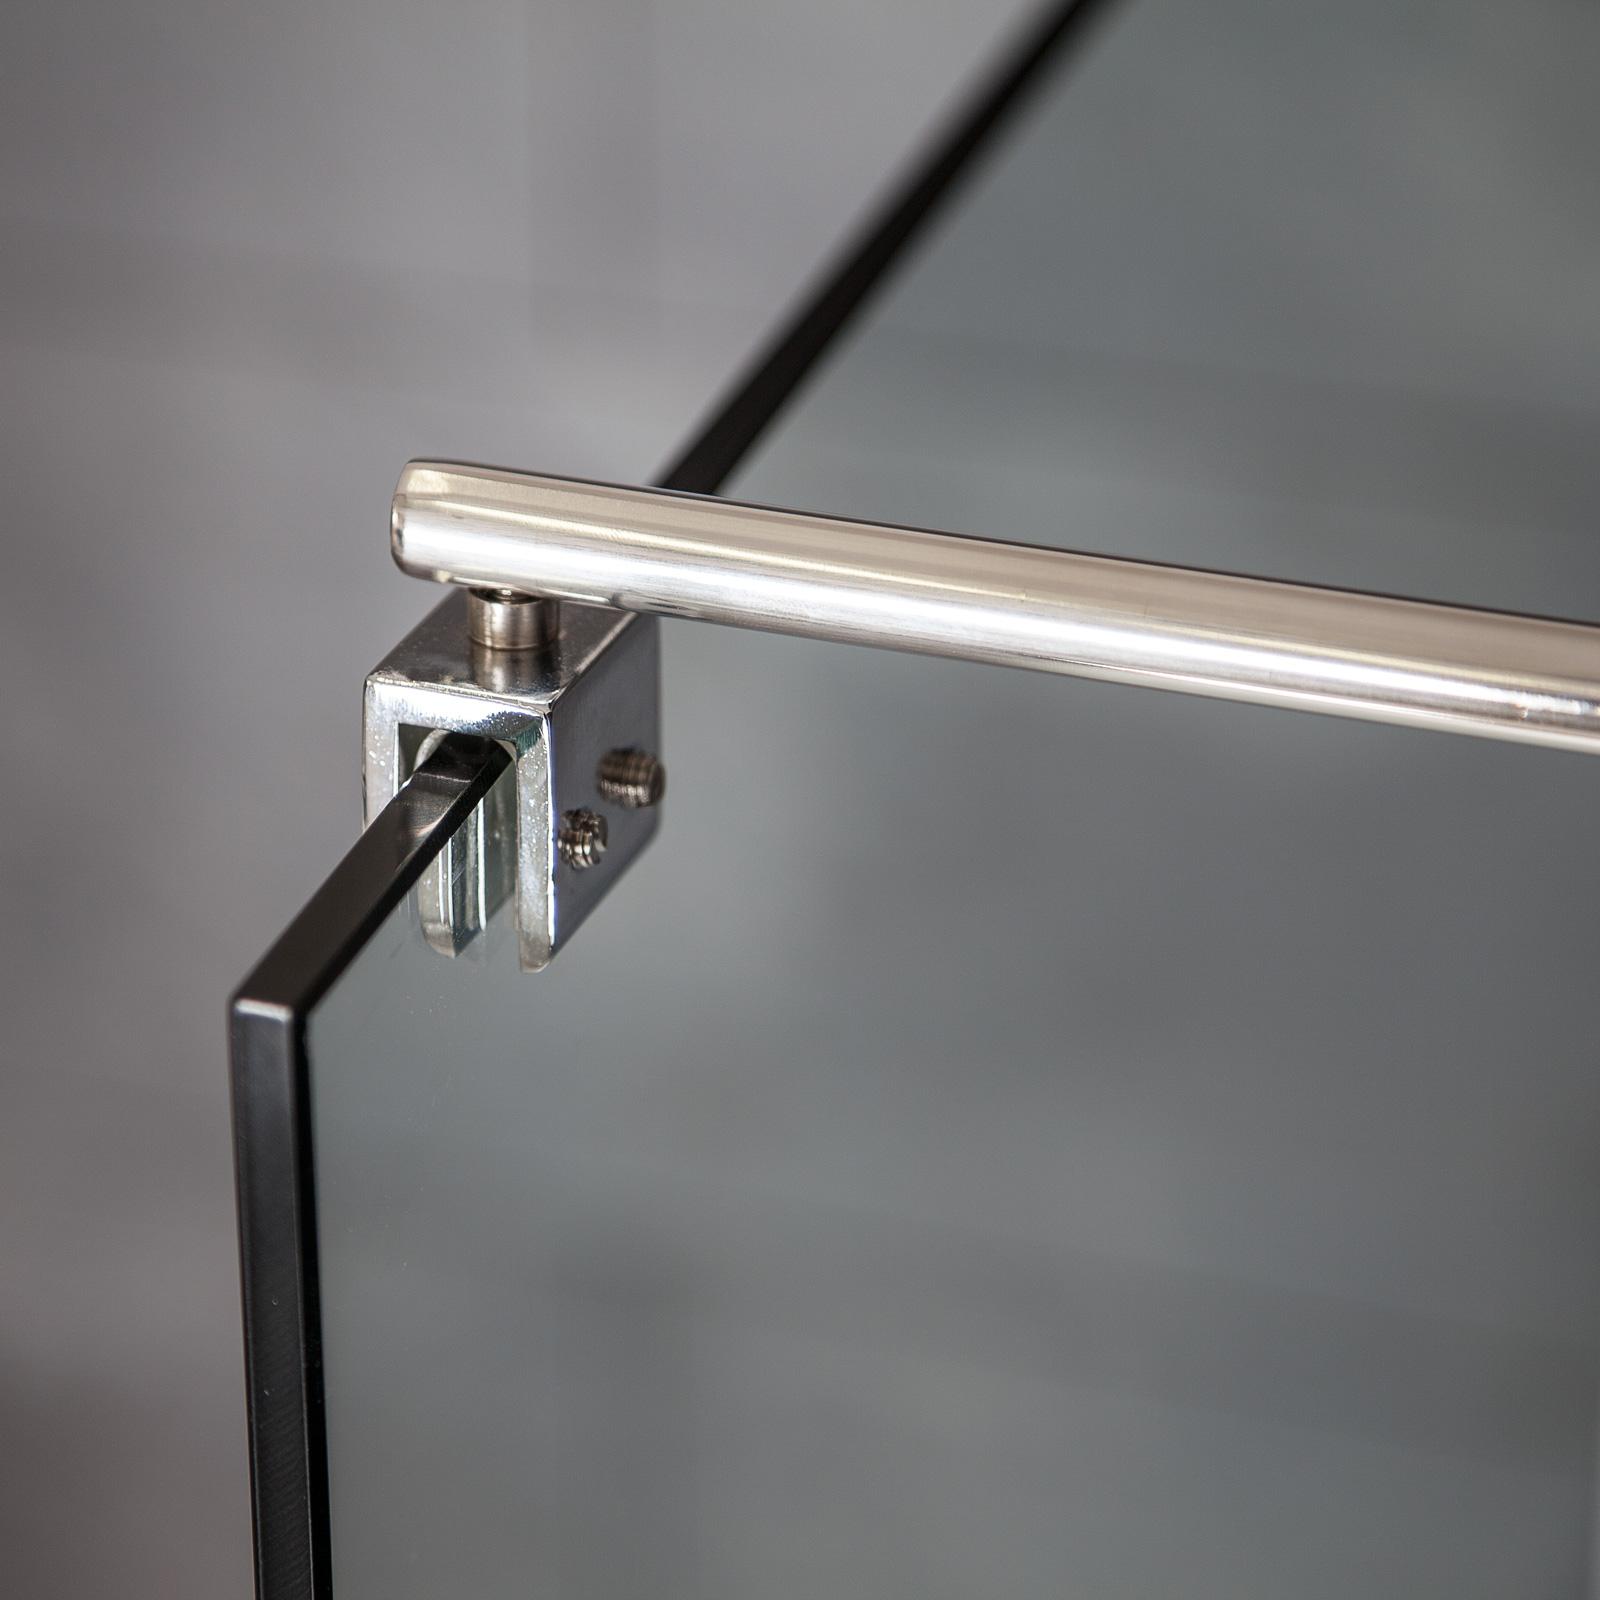 haltestange duschwand edelstahl verstellbar von 80 bis 120 cm einstiegsbreite ebay. Black Bedroom Furniture Sets. Home Design Ideas